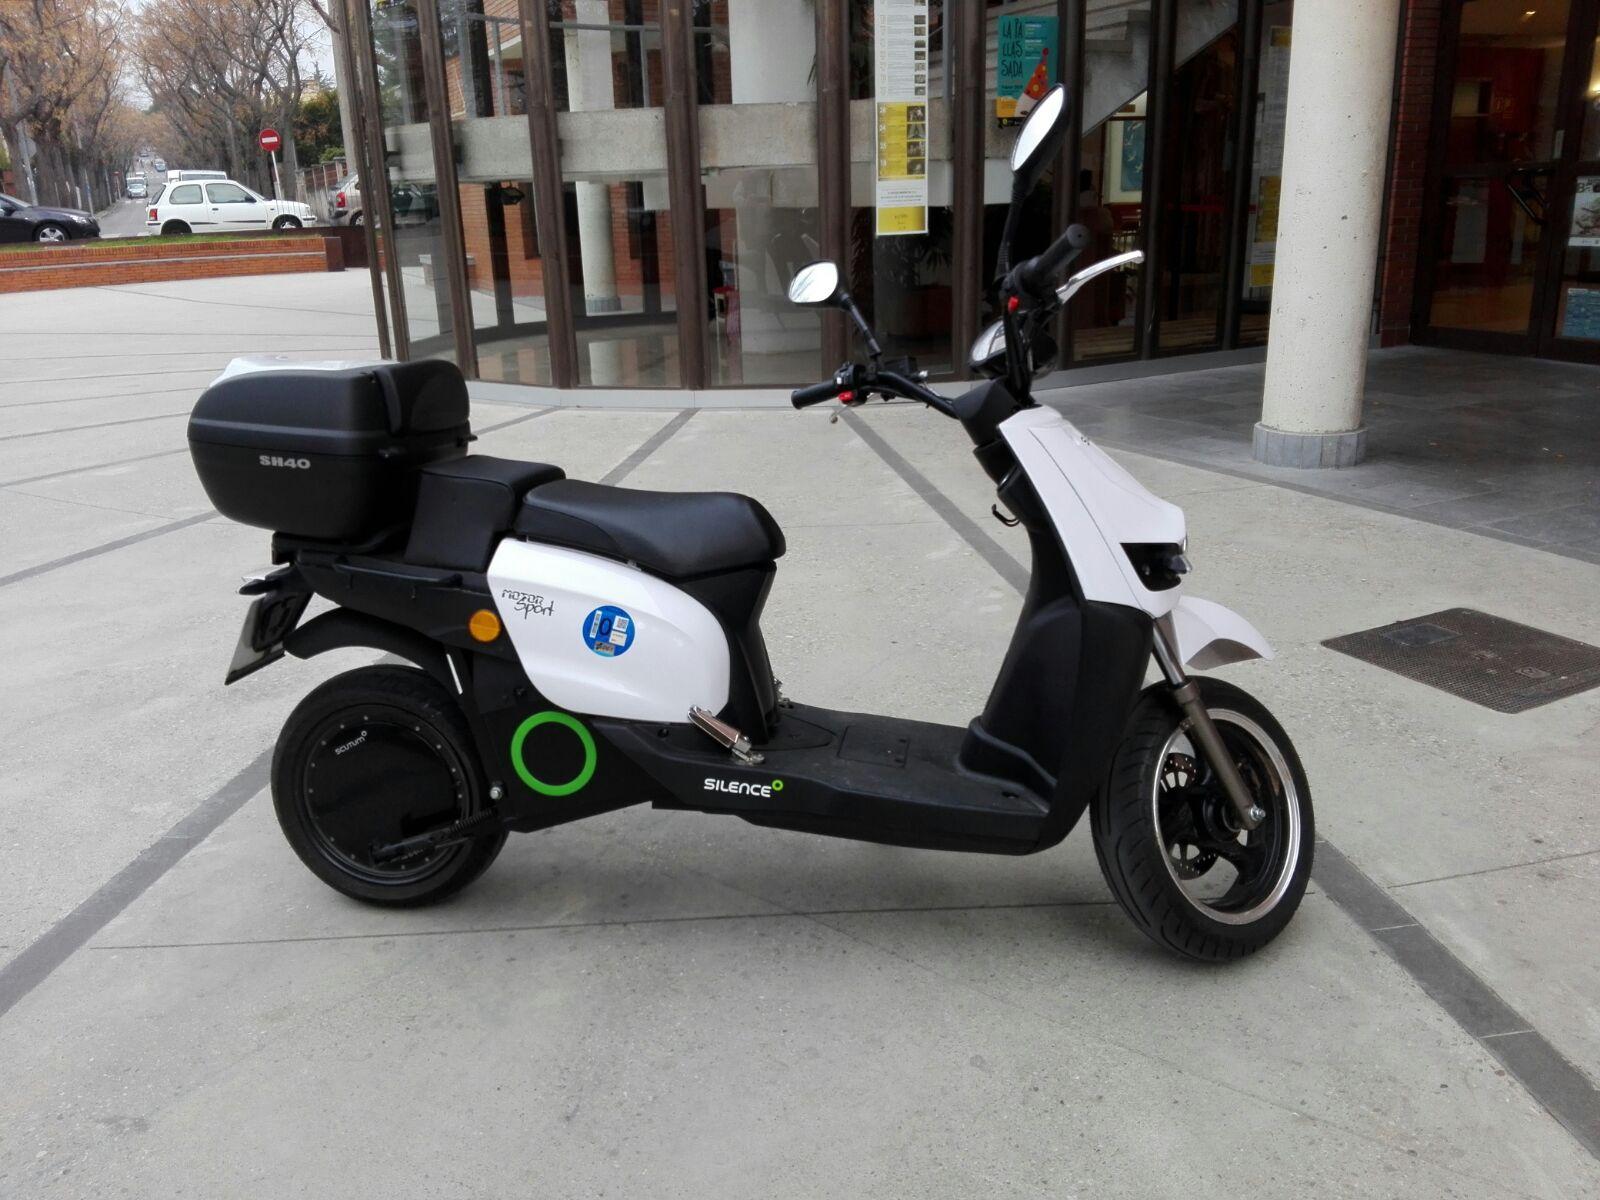 La moto elèctrica comprada per l'Ajuntament